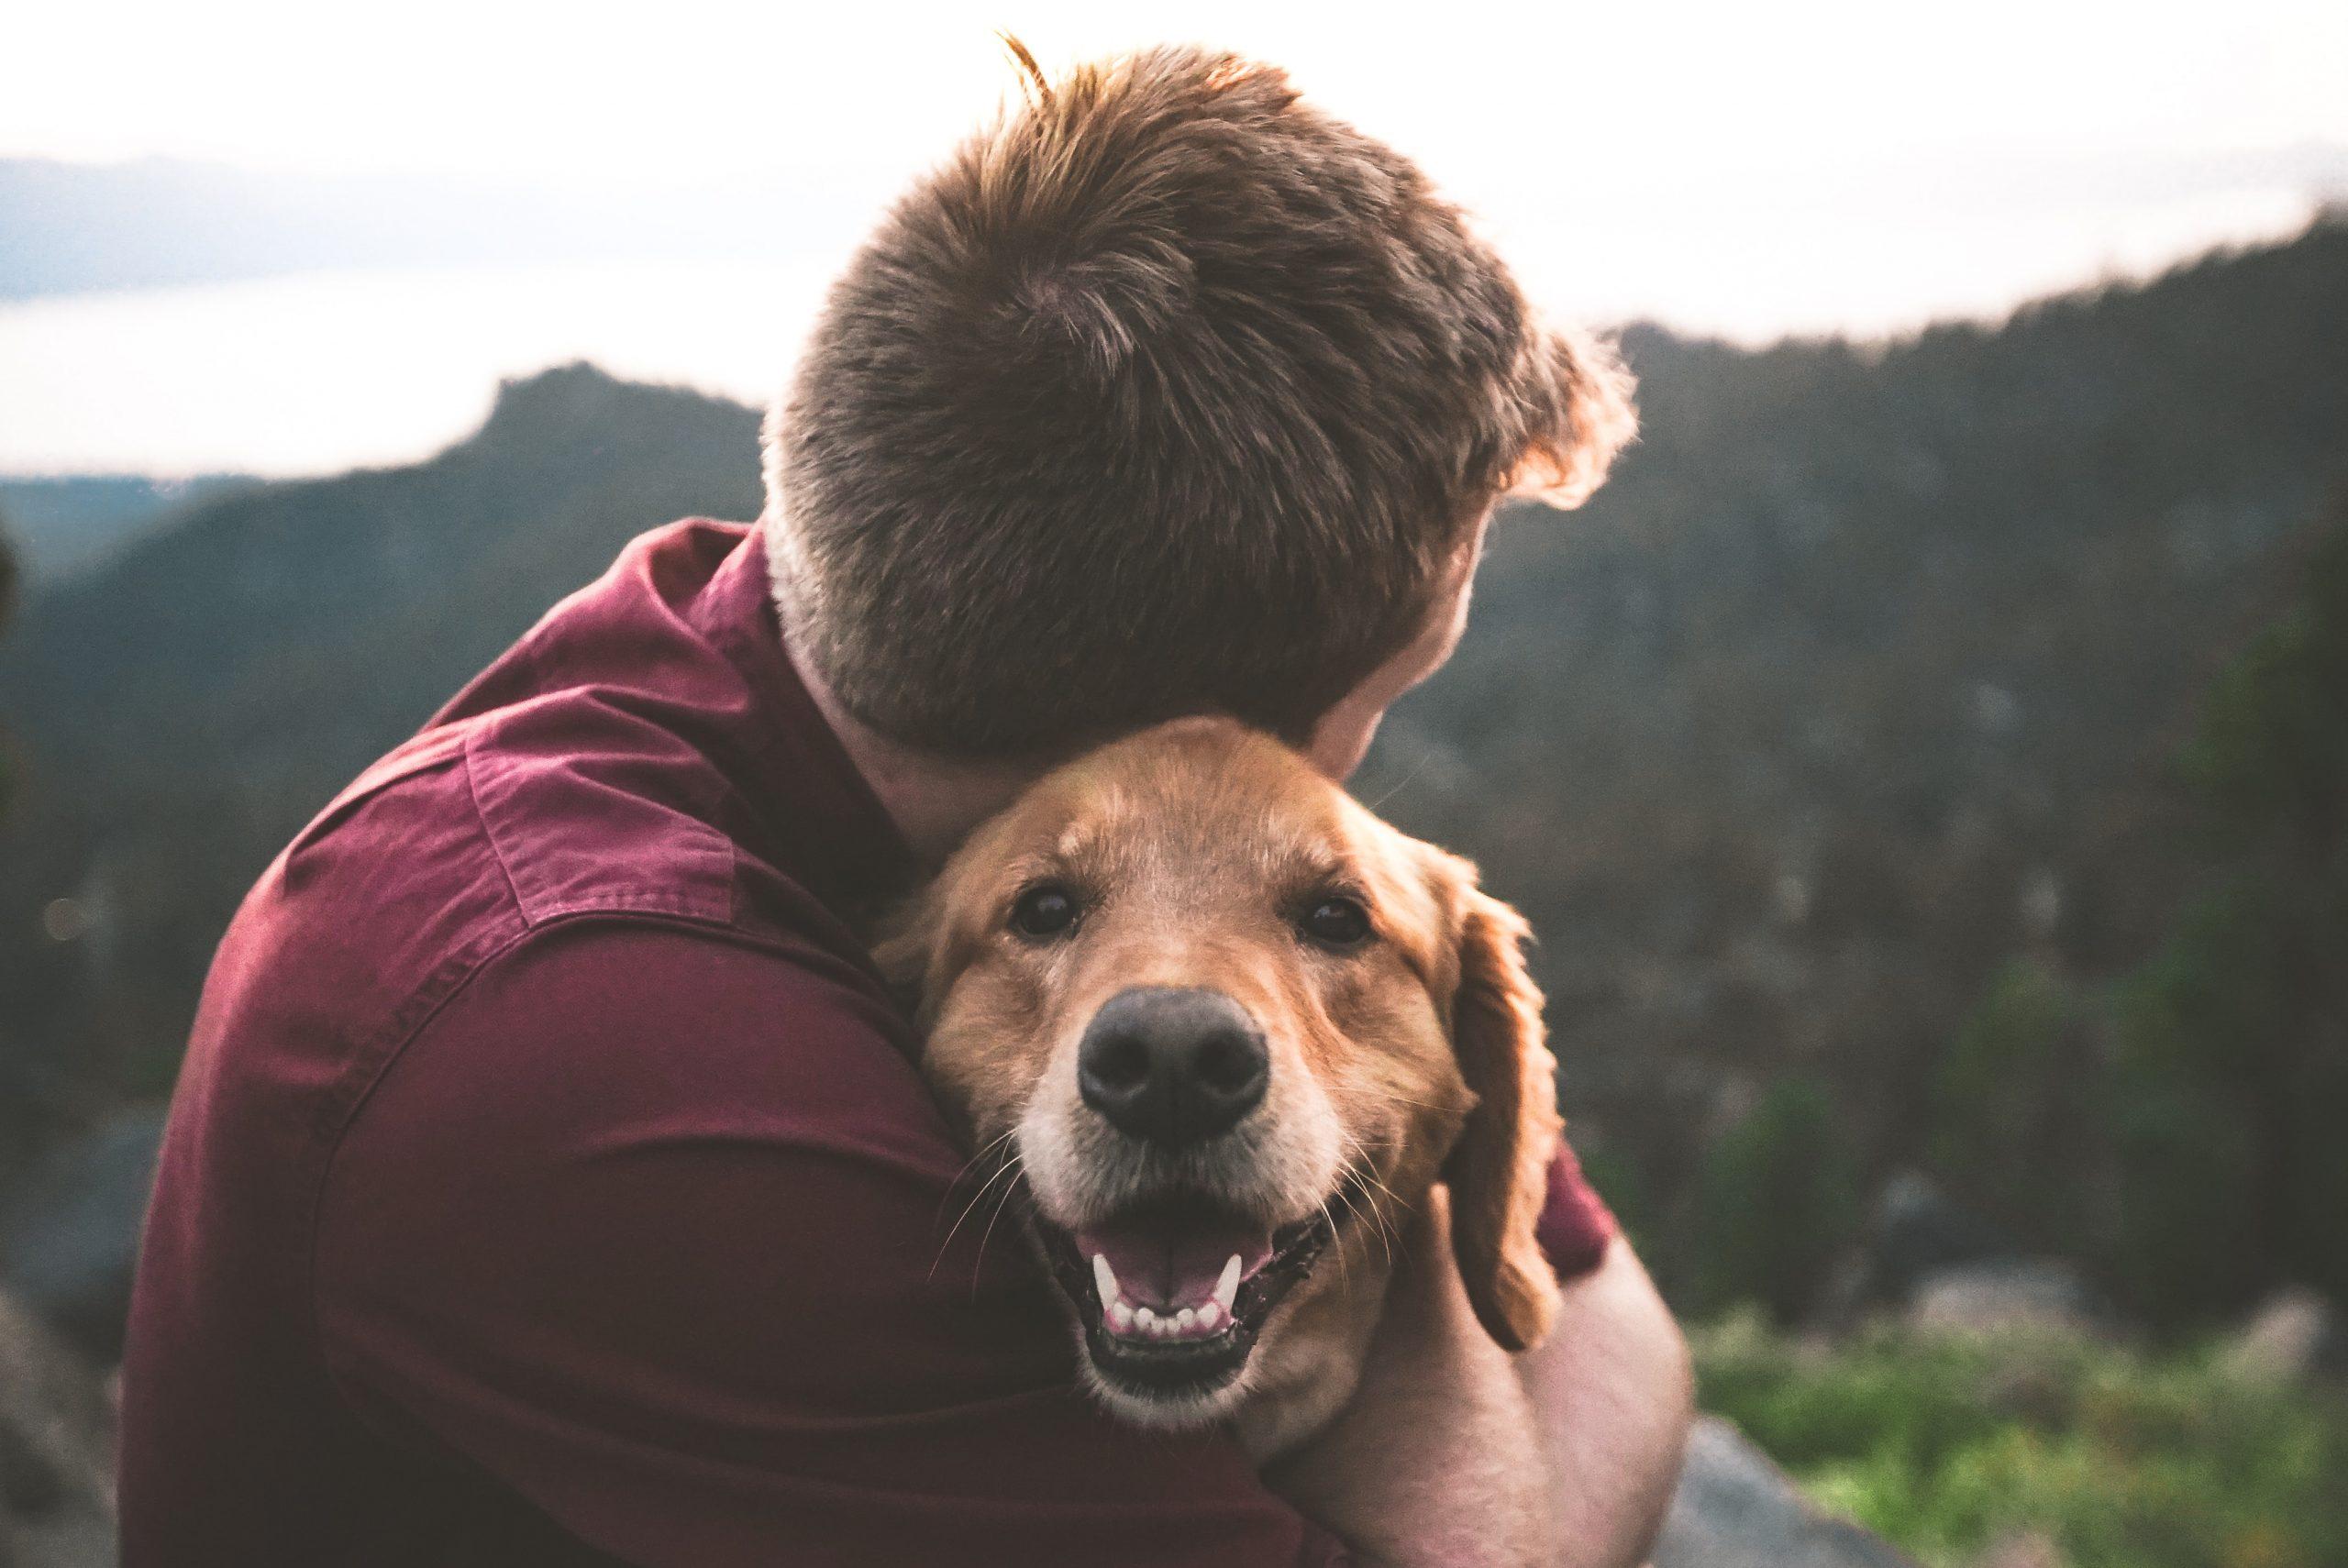 Memelihara Anjing, Pemilik Bisa Berumur Lebih Panjang??